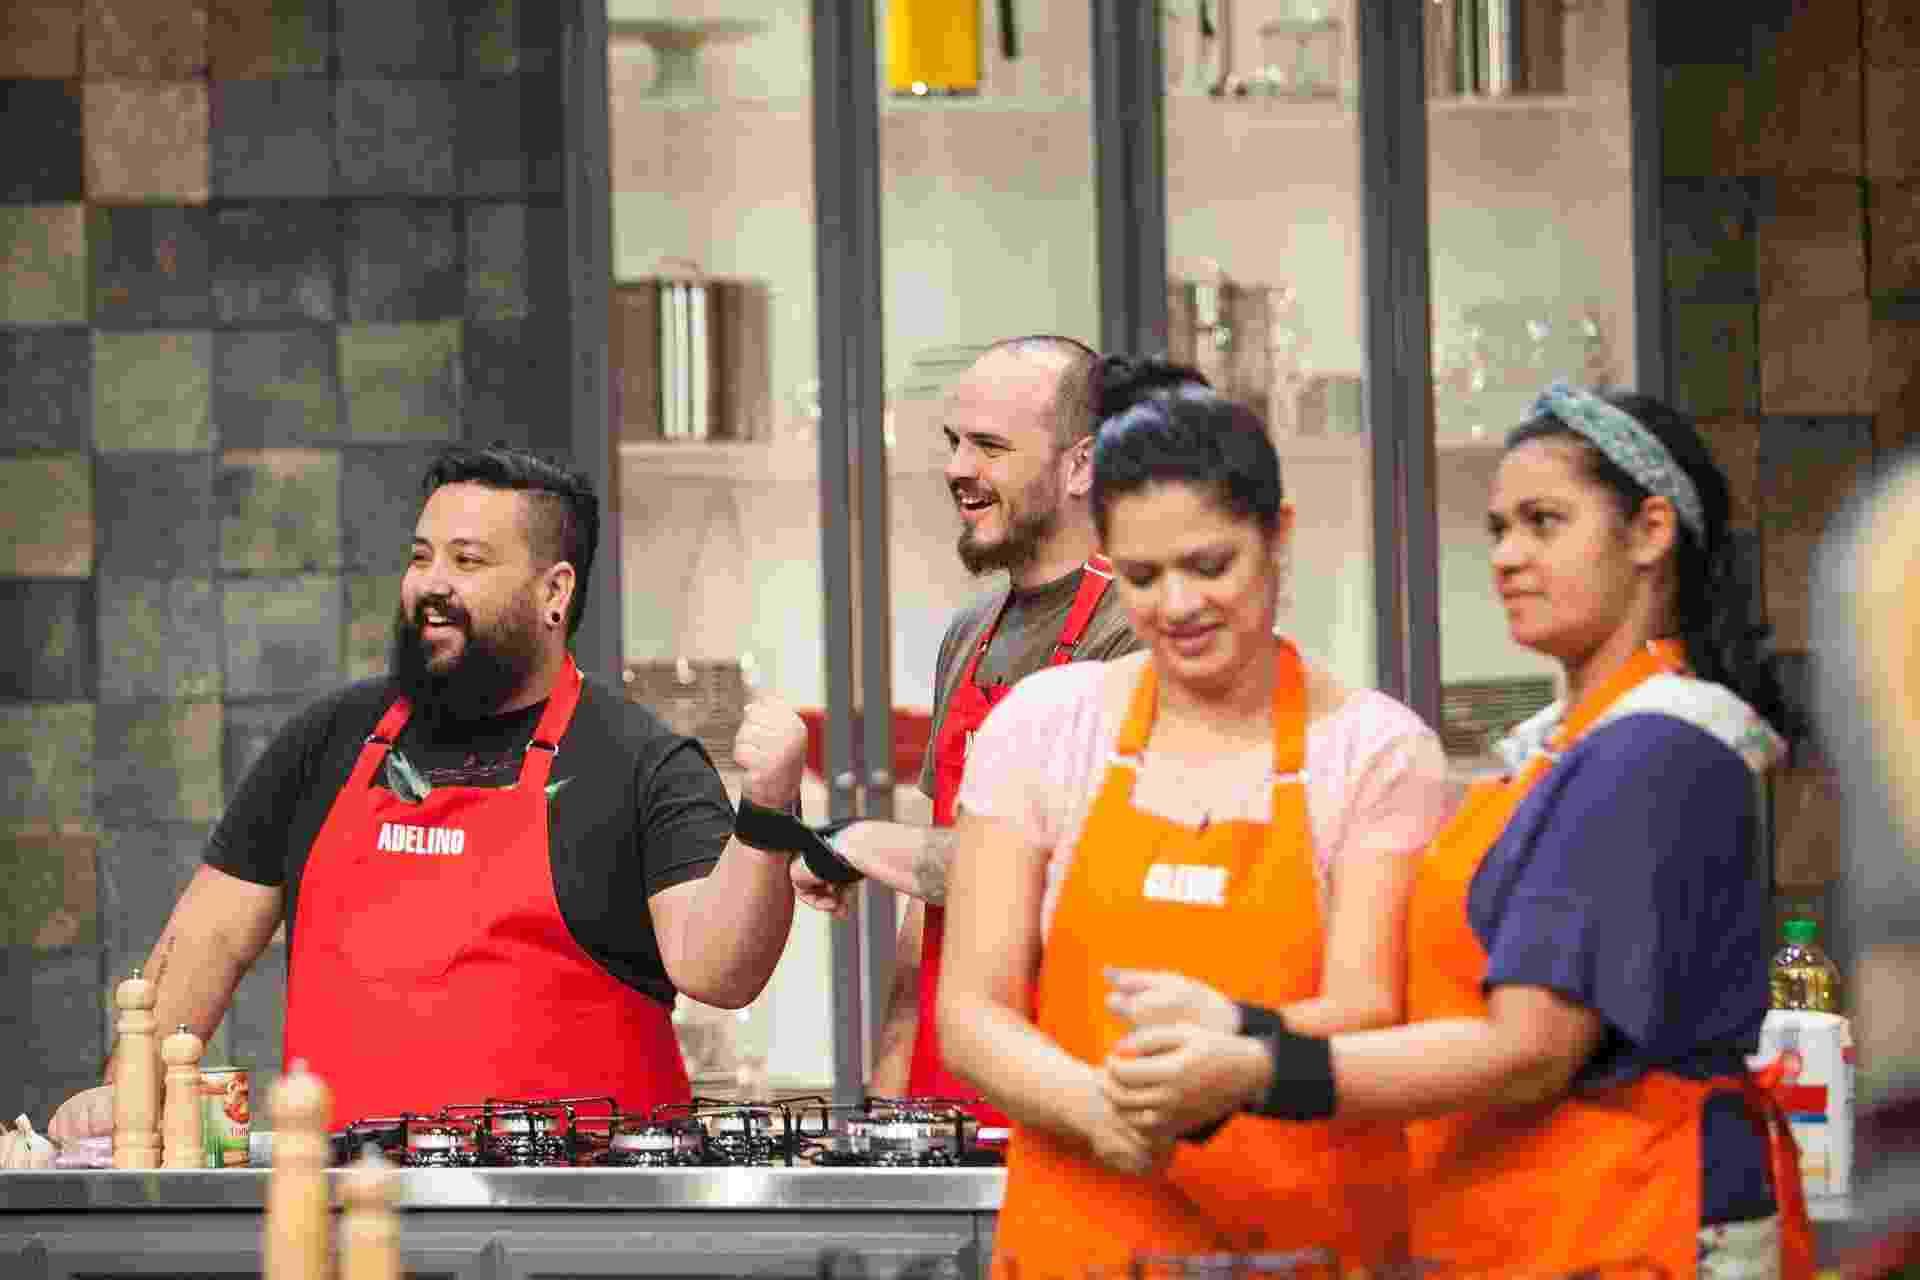 """Participantes do """"Batalha dos Cozinheiros"""" se enfrentam na primeira prova oficial do programa. No desafio, eles devem fazer uma massa com as mãos amarradas - Edu Moraes/Record"""